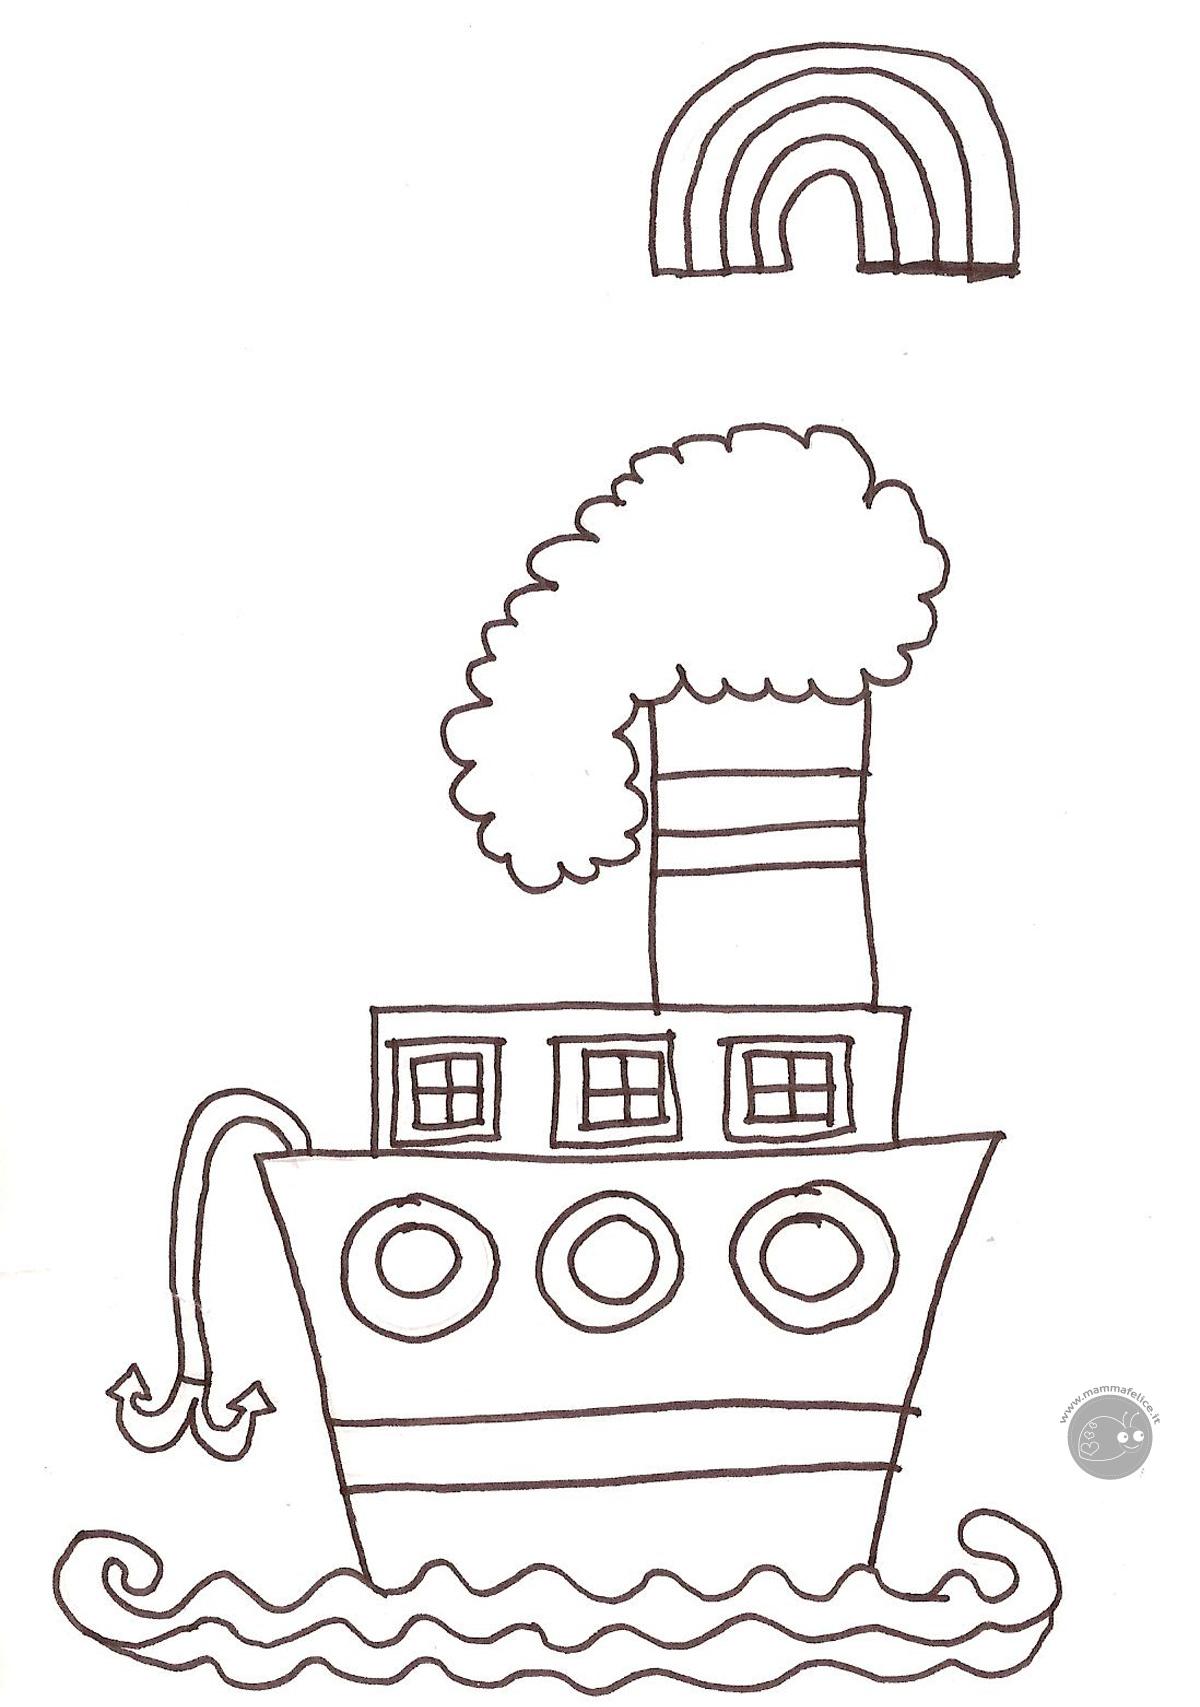 Disegni mammafelice disegni da colorare gratis per bambini for Disegni di garage gratis